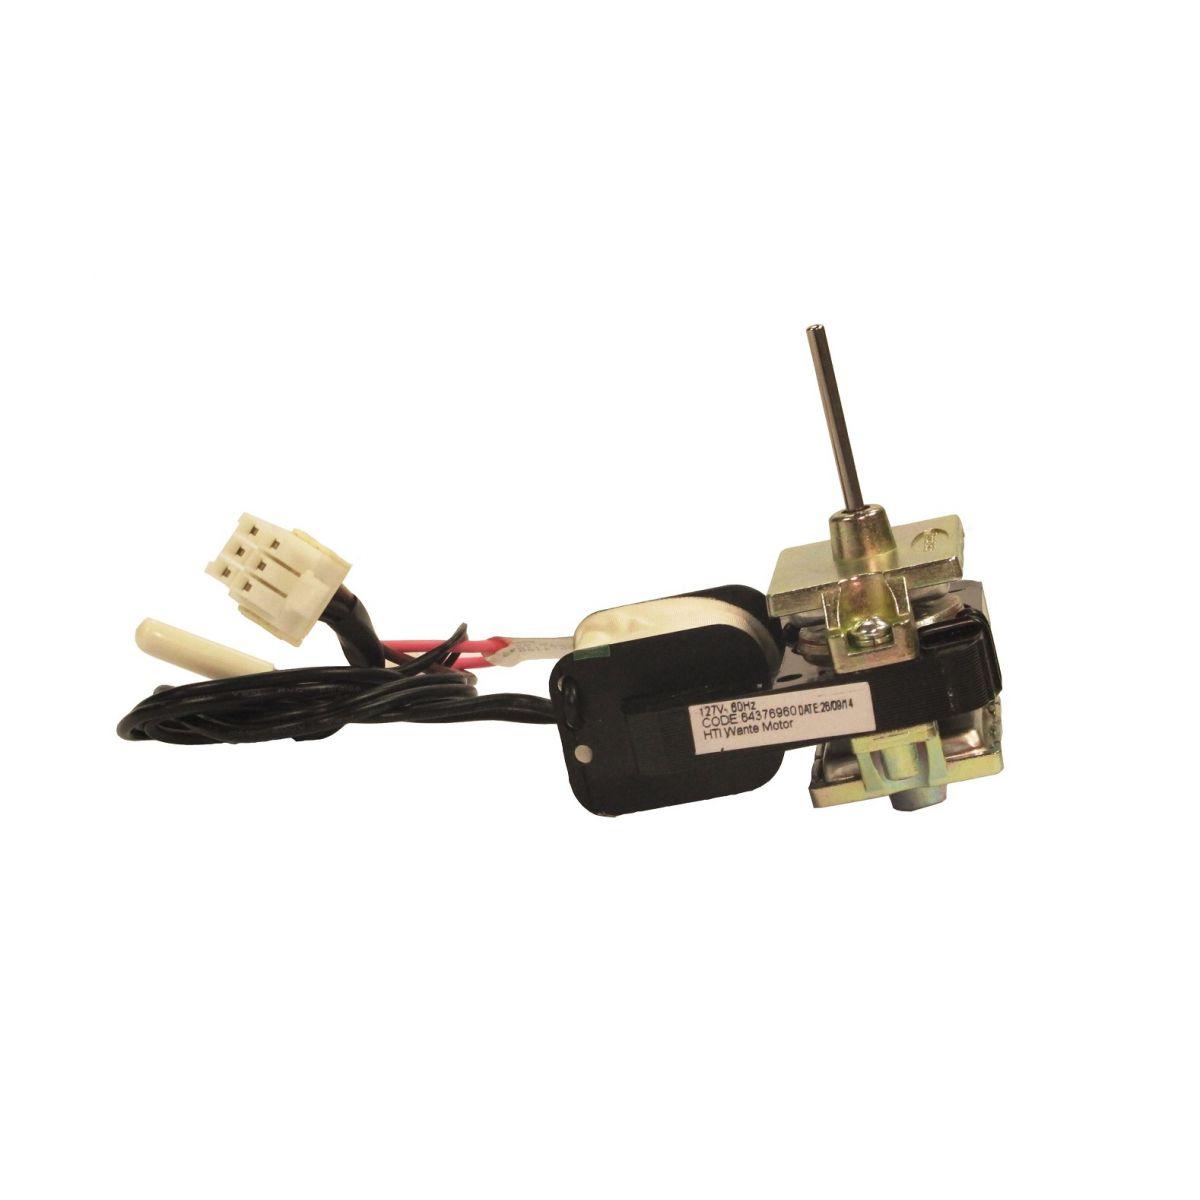 Ventilador Com Sensor Dfw51 Dfn50 - 70295122